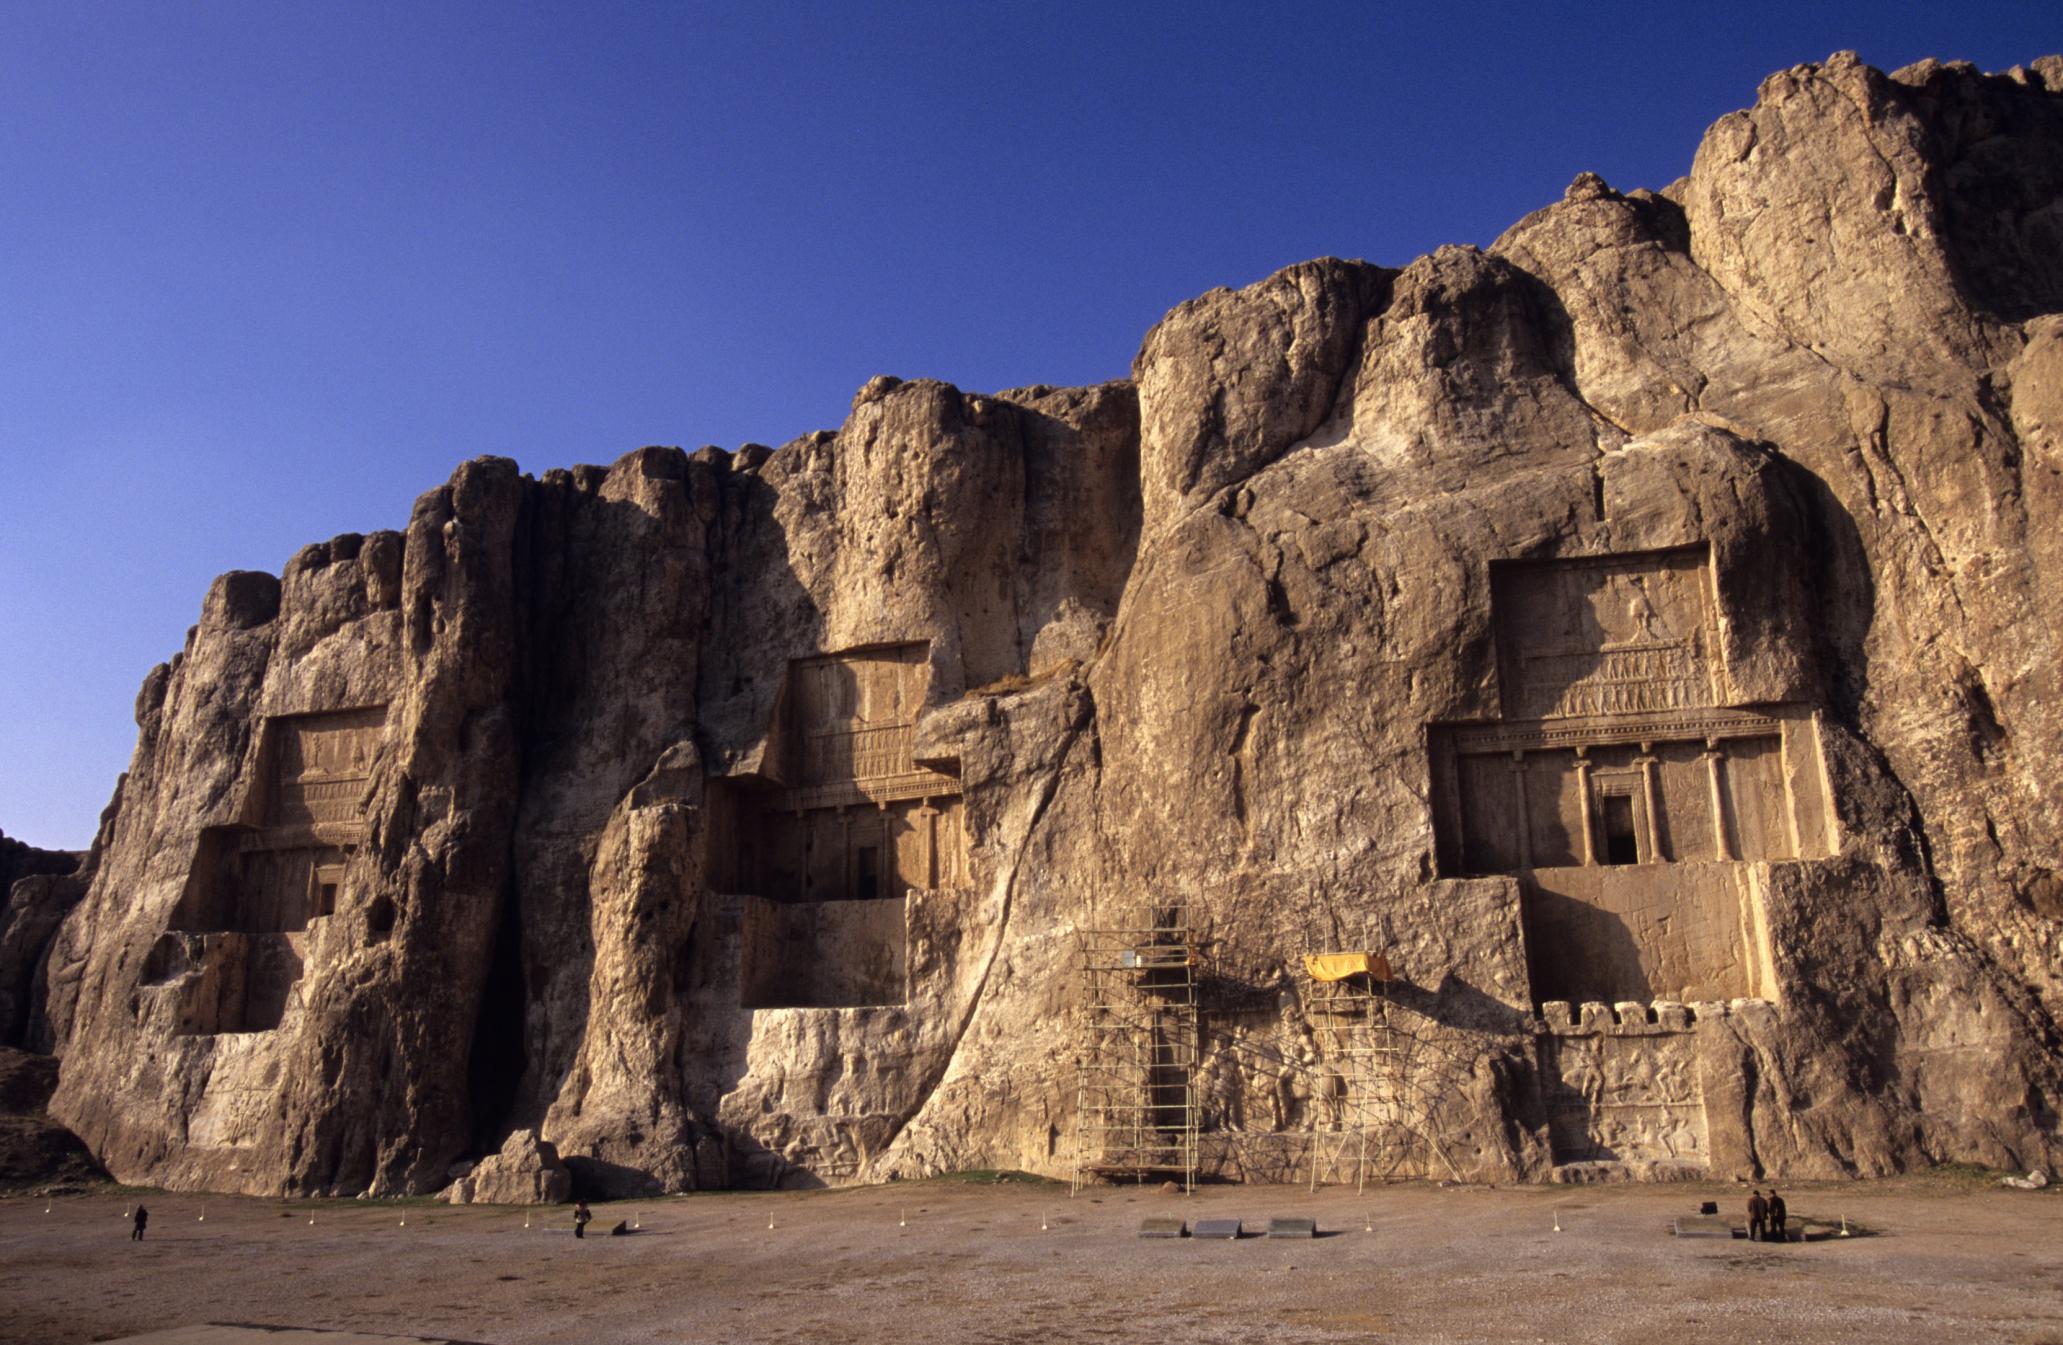 Naqsh-e Rostam | Naqsh-e Rostam & Naqsh-e Rajab, Iran Naqsh-e Rostam